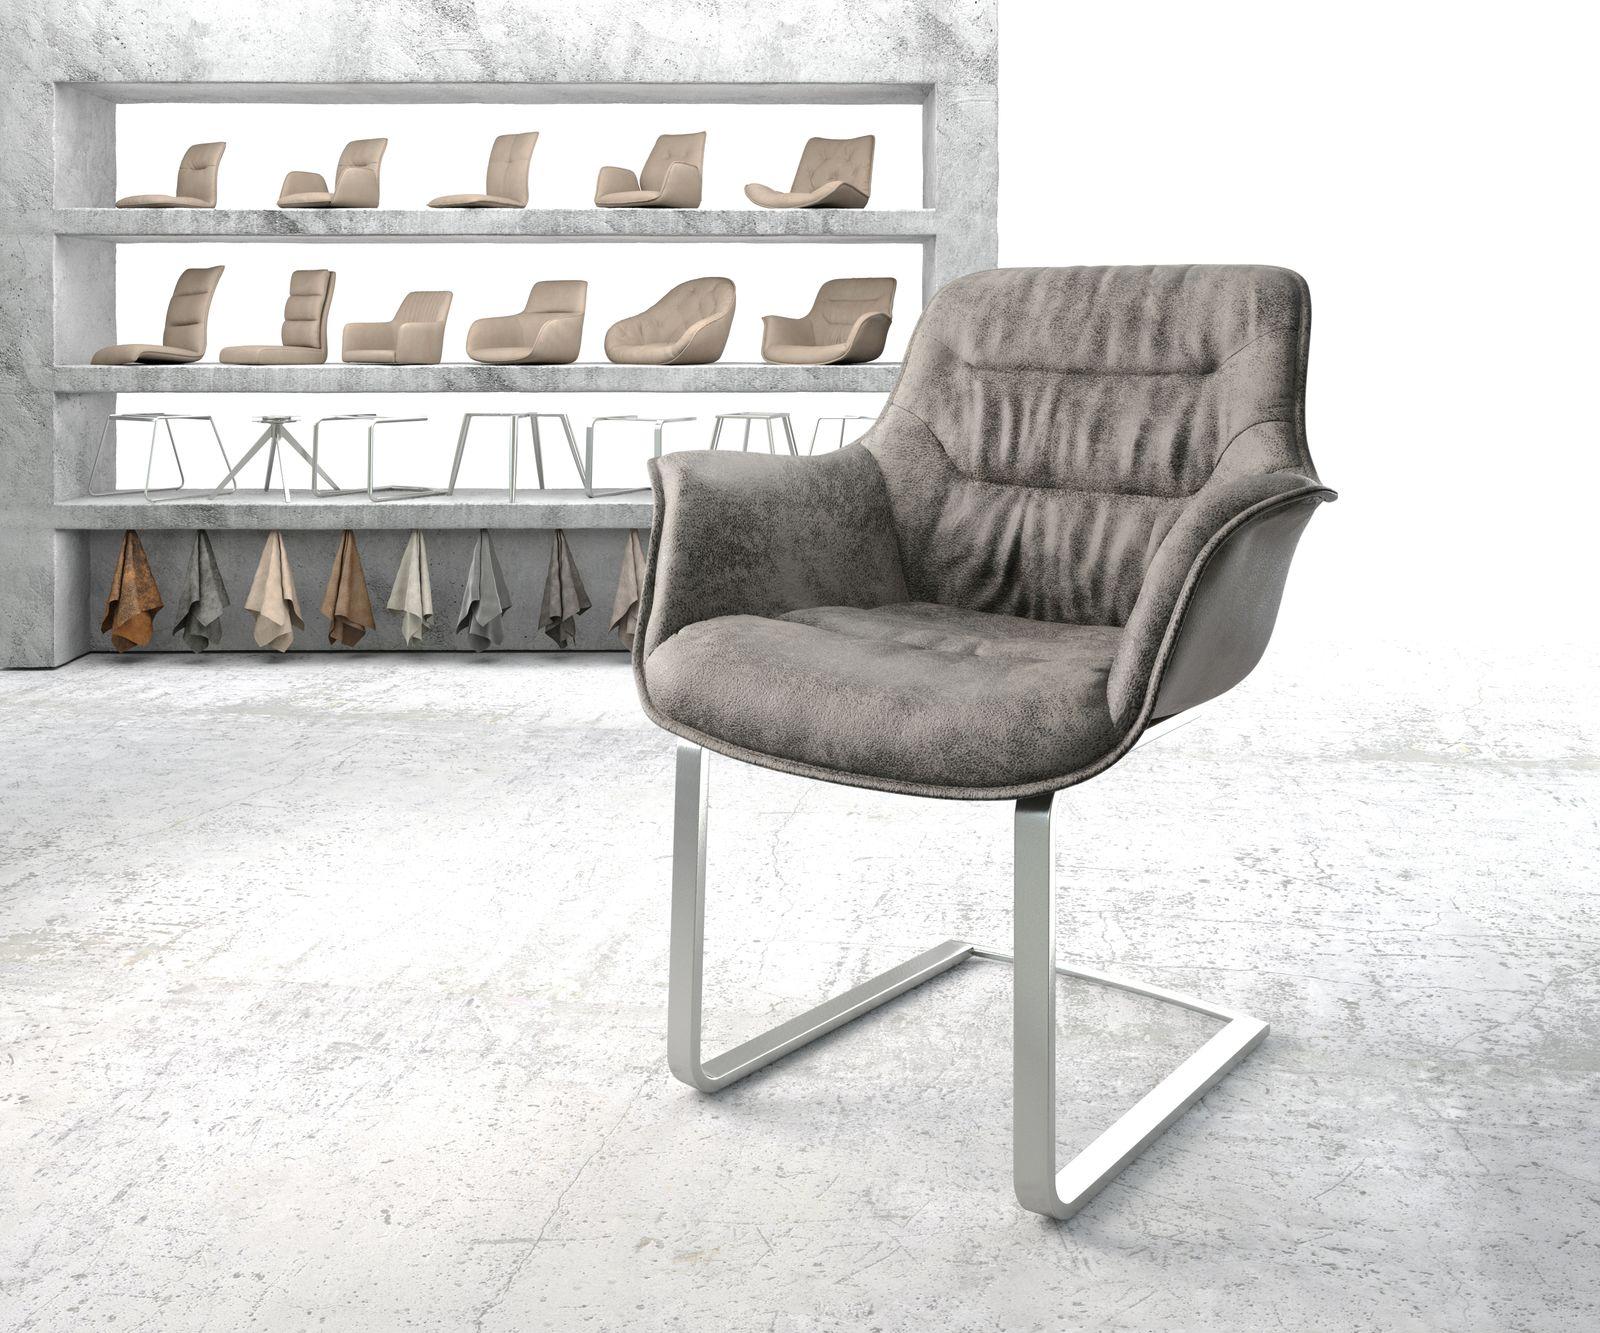 delife-armlehnstuhl-kaira-flex-grau-vintage-freischwinger-flach-edelstahl-esszimmerstuhle